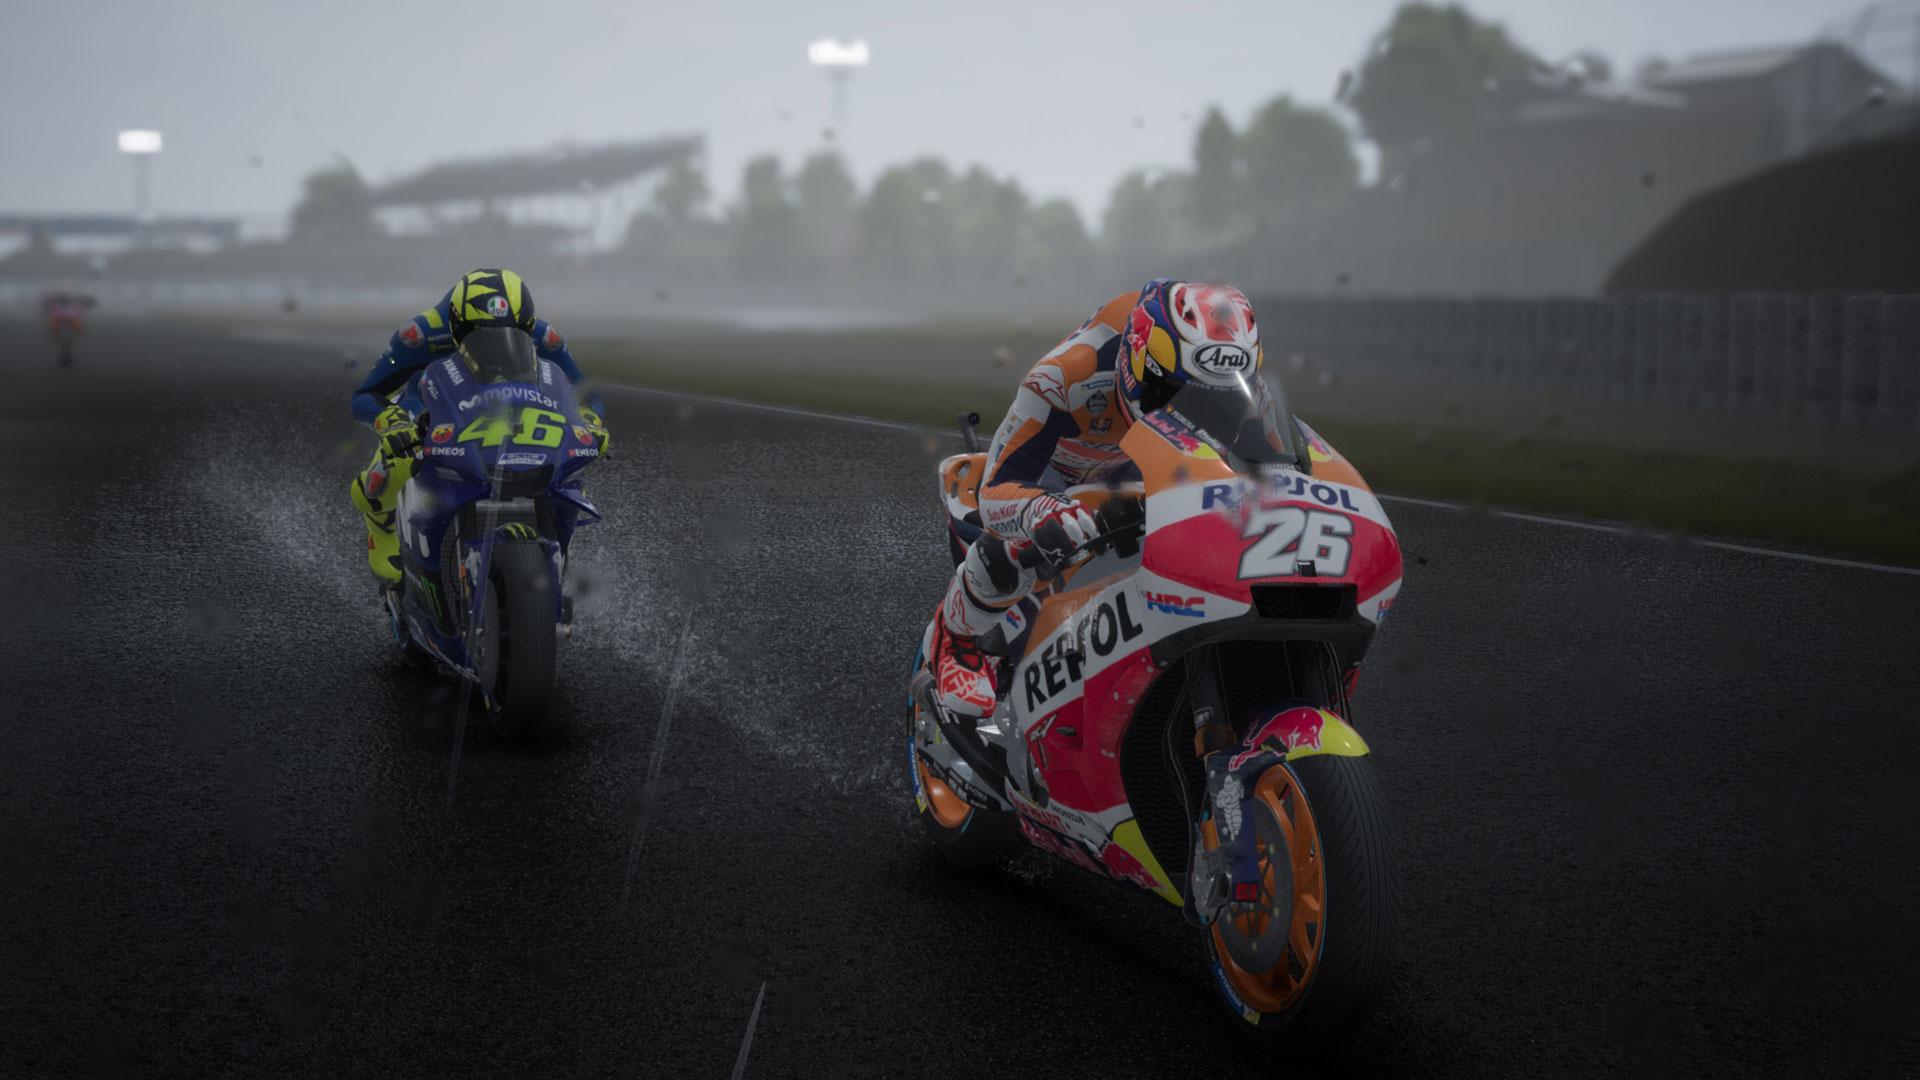 MotoGP 18 v20180831 torrent download